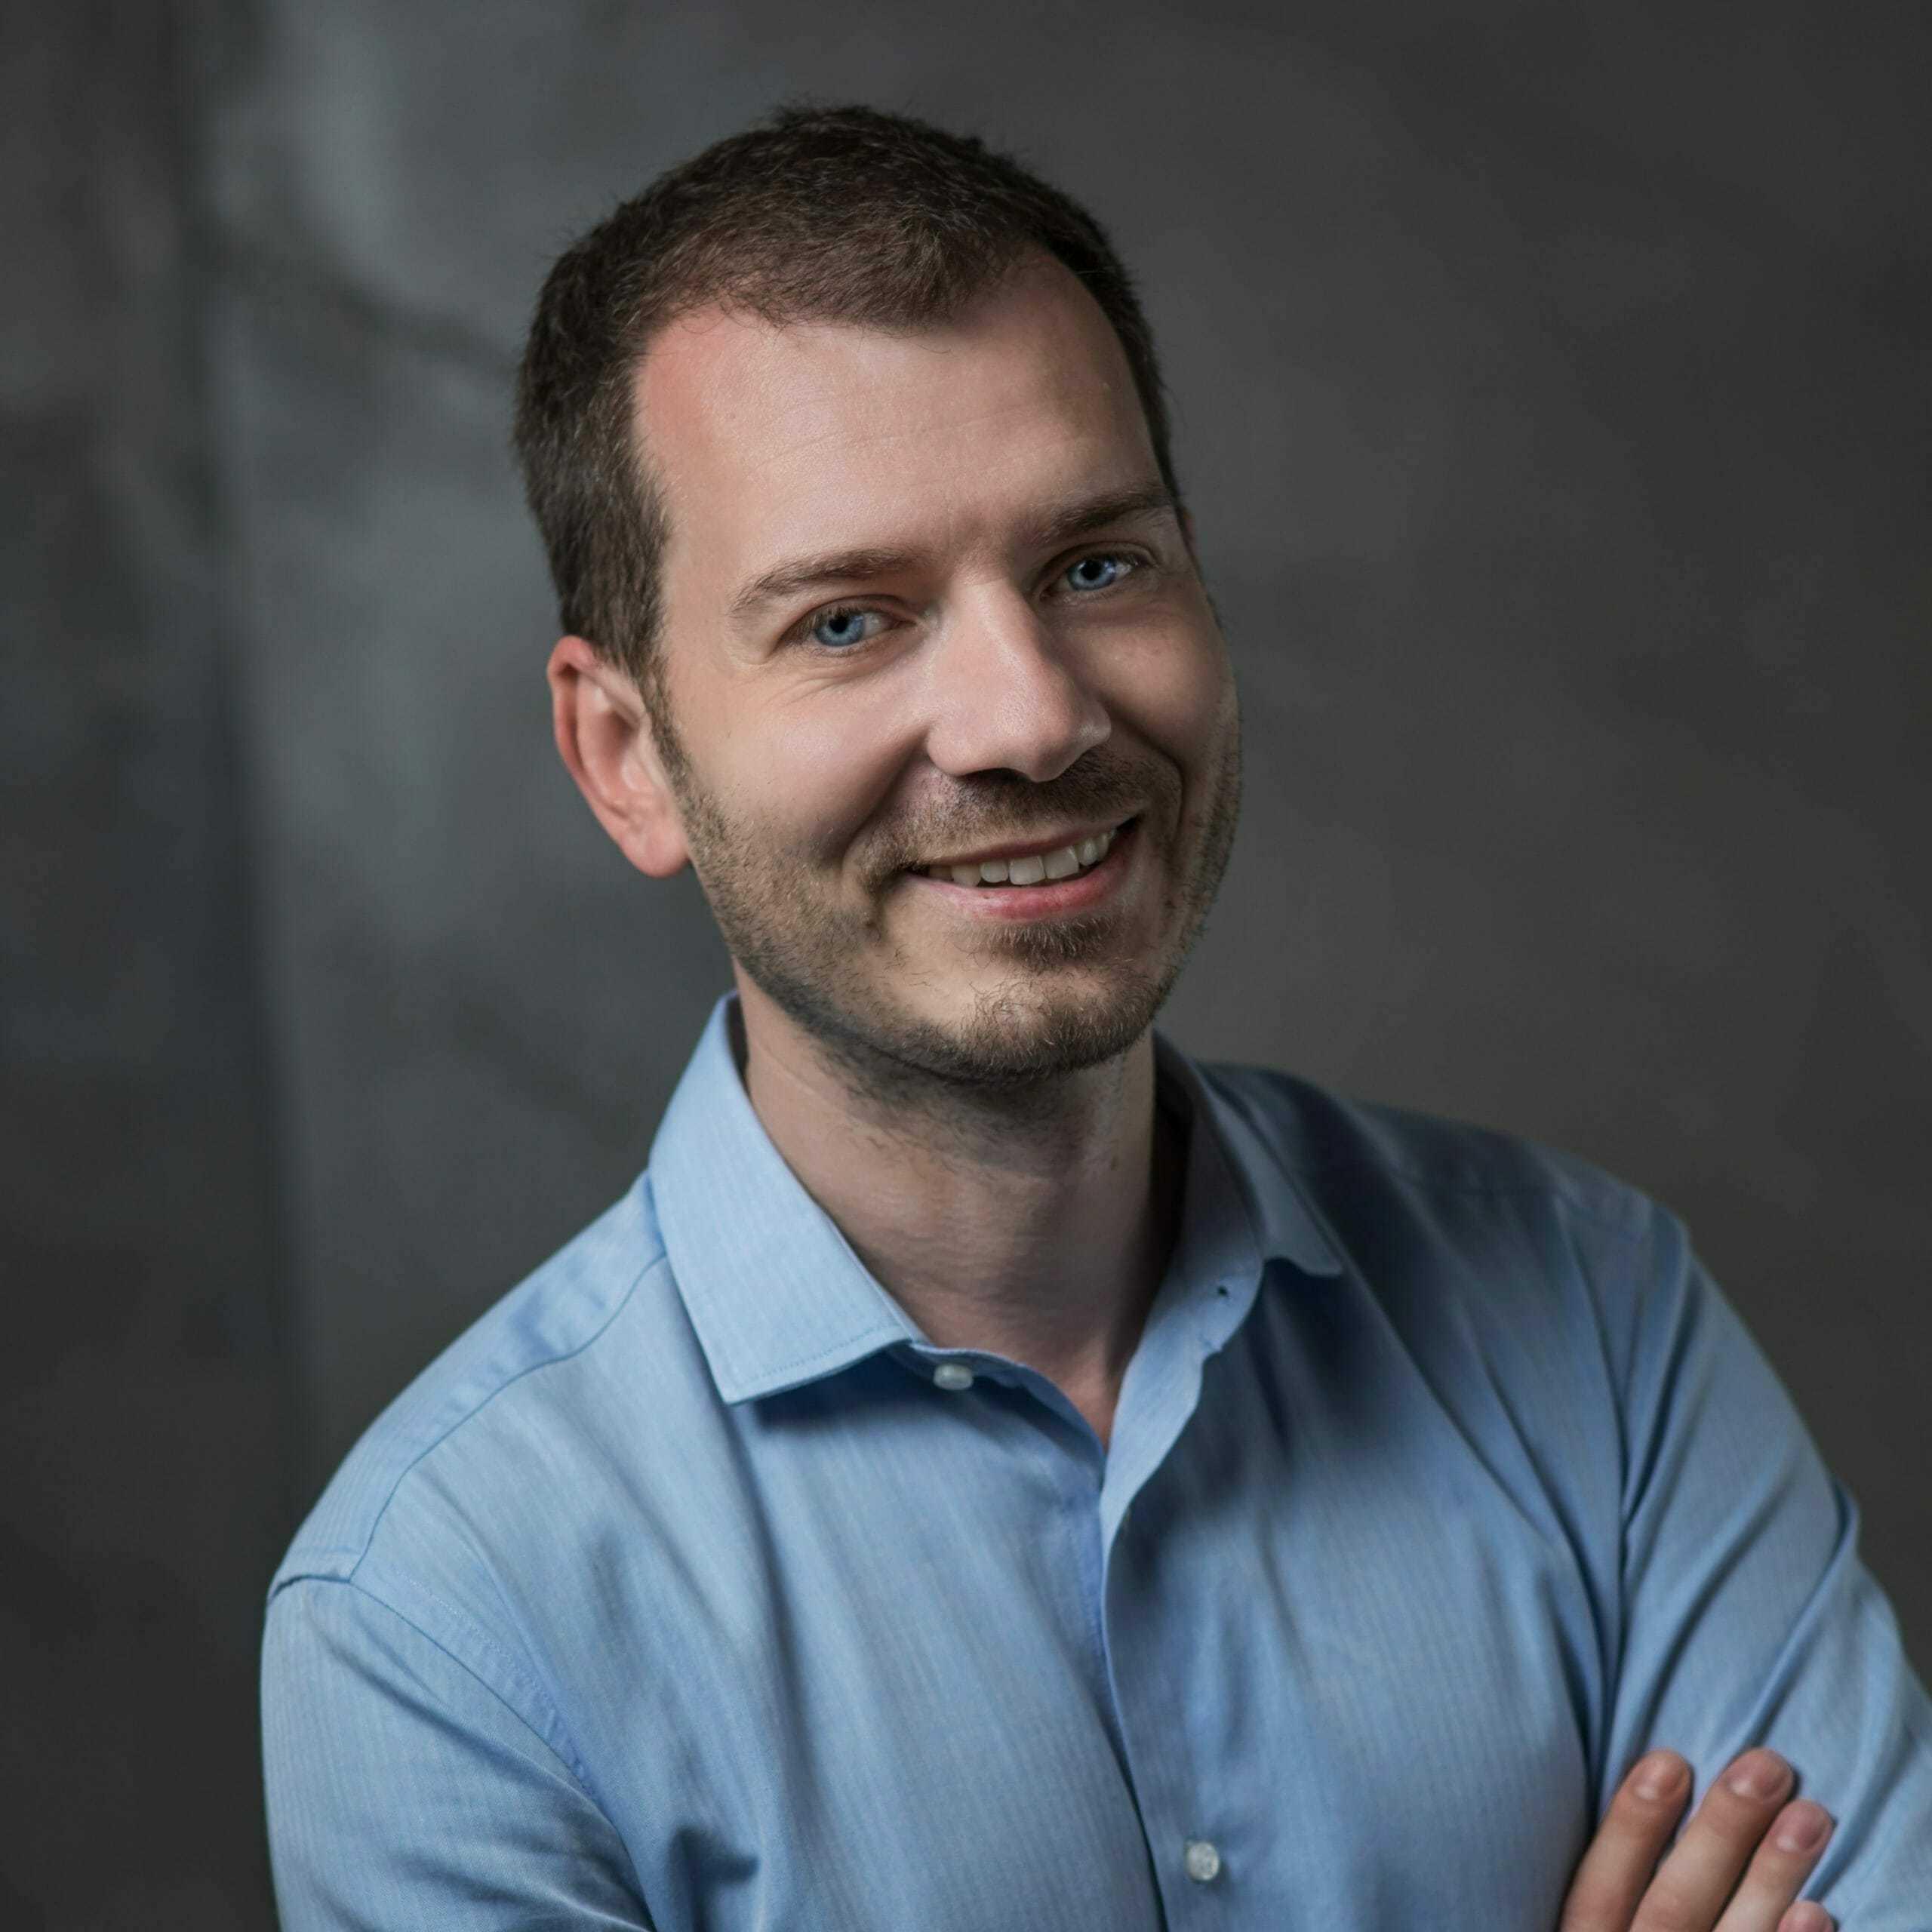 giorgio camnasio web designer 3